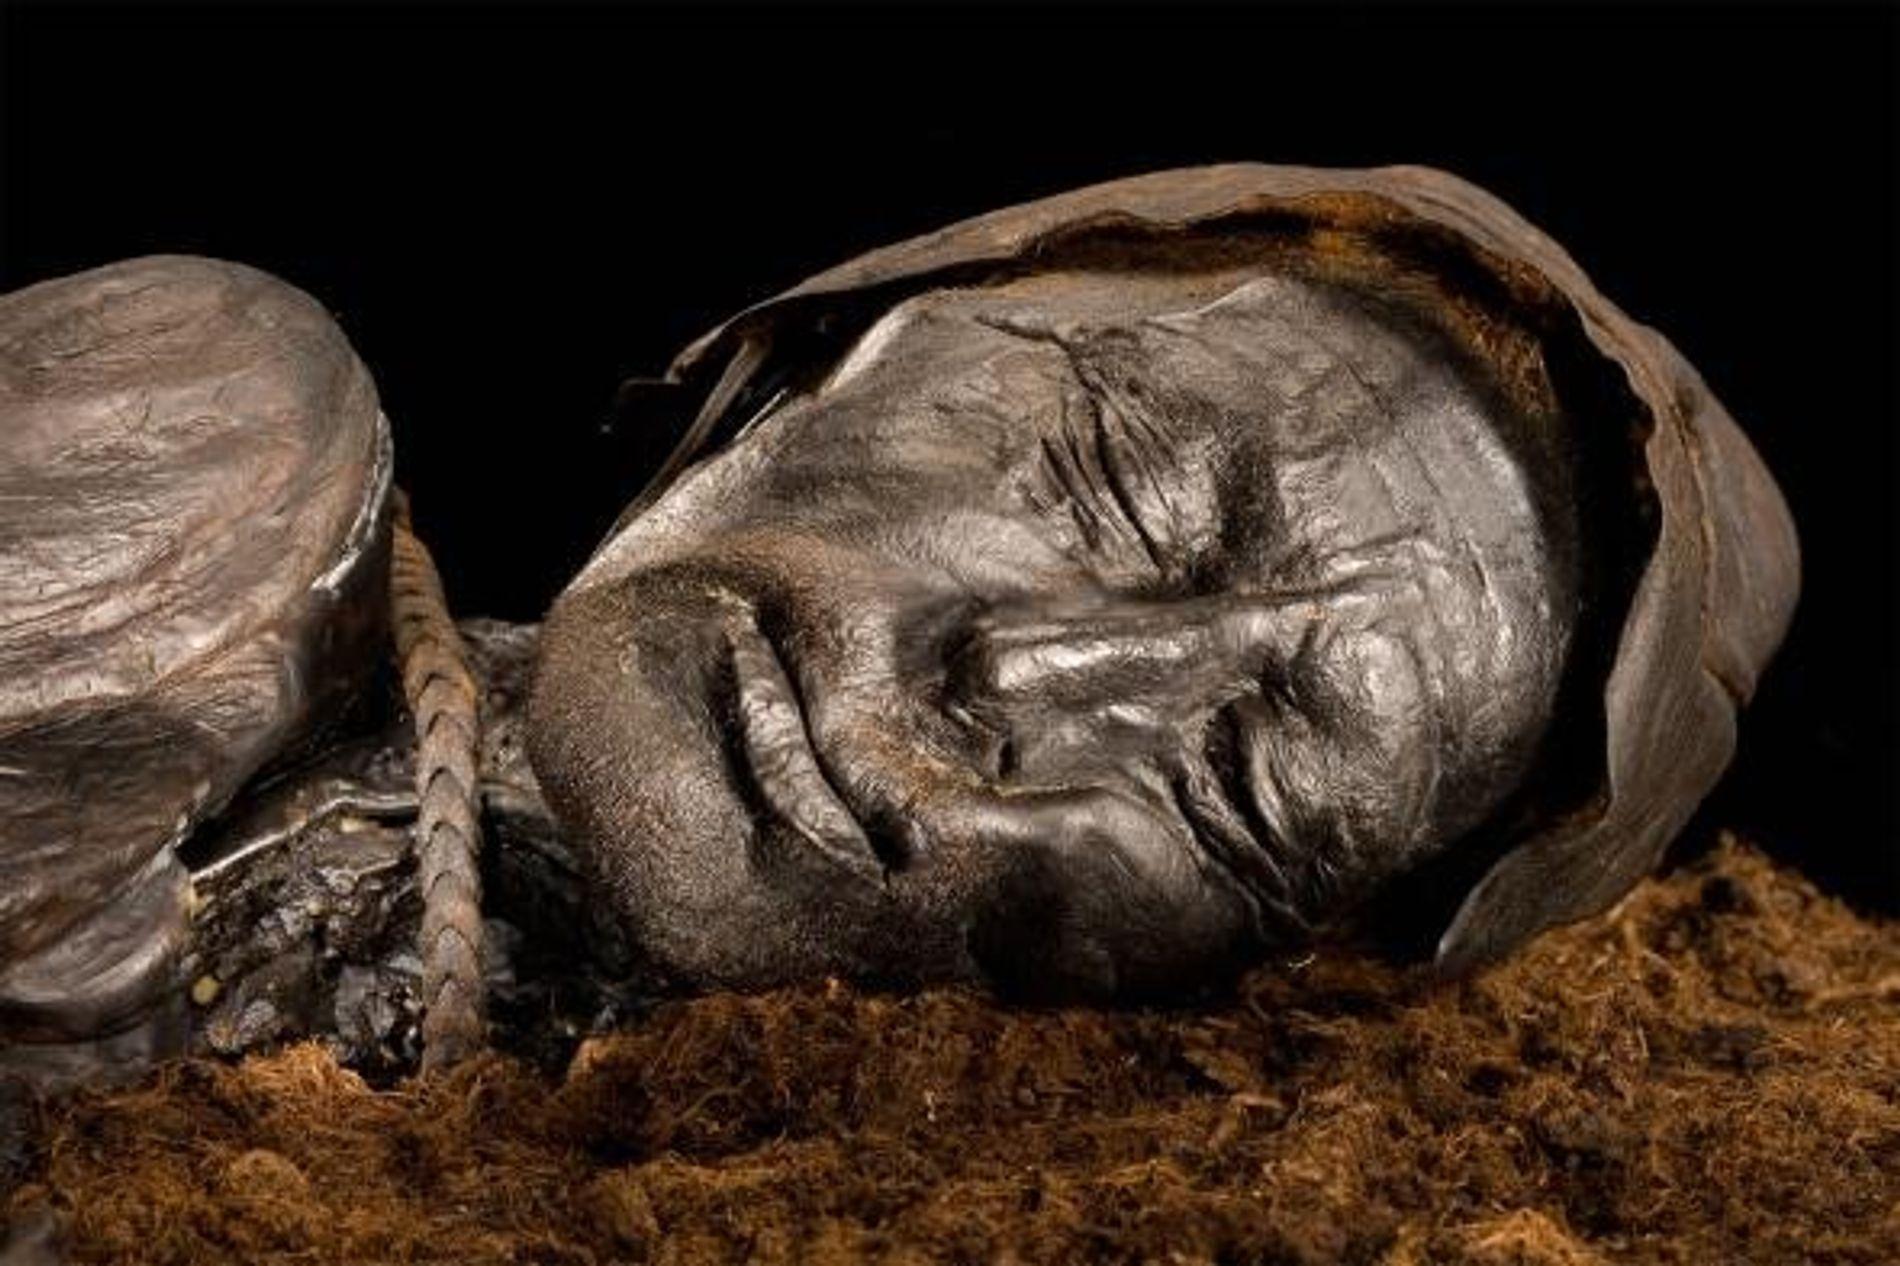 L'Homme de Tollund, pendu avec une corde en cuir et momifié dans une tourbe danoise, est conservé au musée Silkeborg au Danemark.